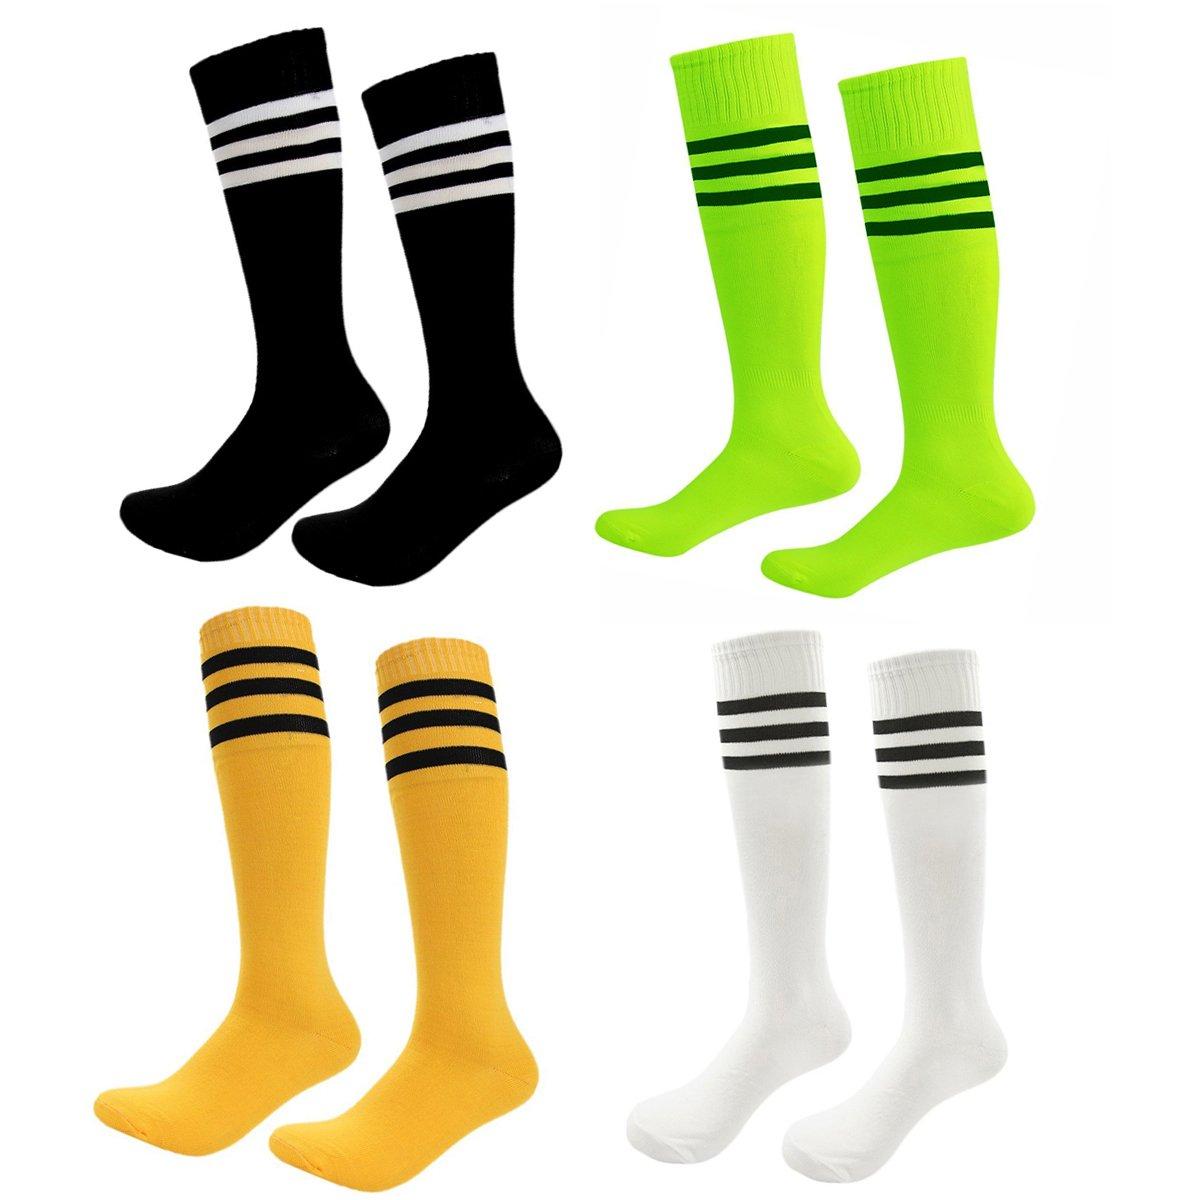 FoMann SOCKSHOSIERY ガールズ B076BXYLR7 Shoe size 1-5 and Ages 8-11|Rainbow4 Rainbow4 Shoe size 1-5 and Ages 8-11